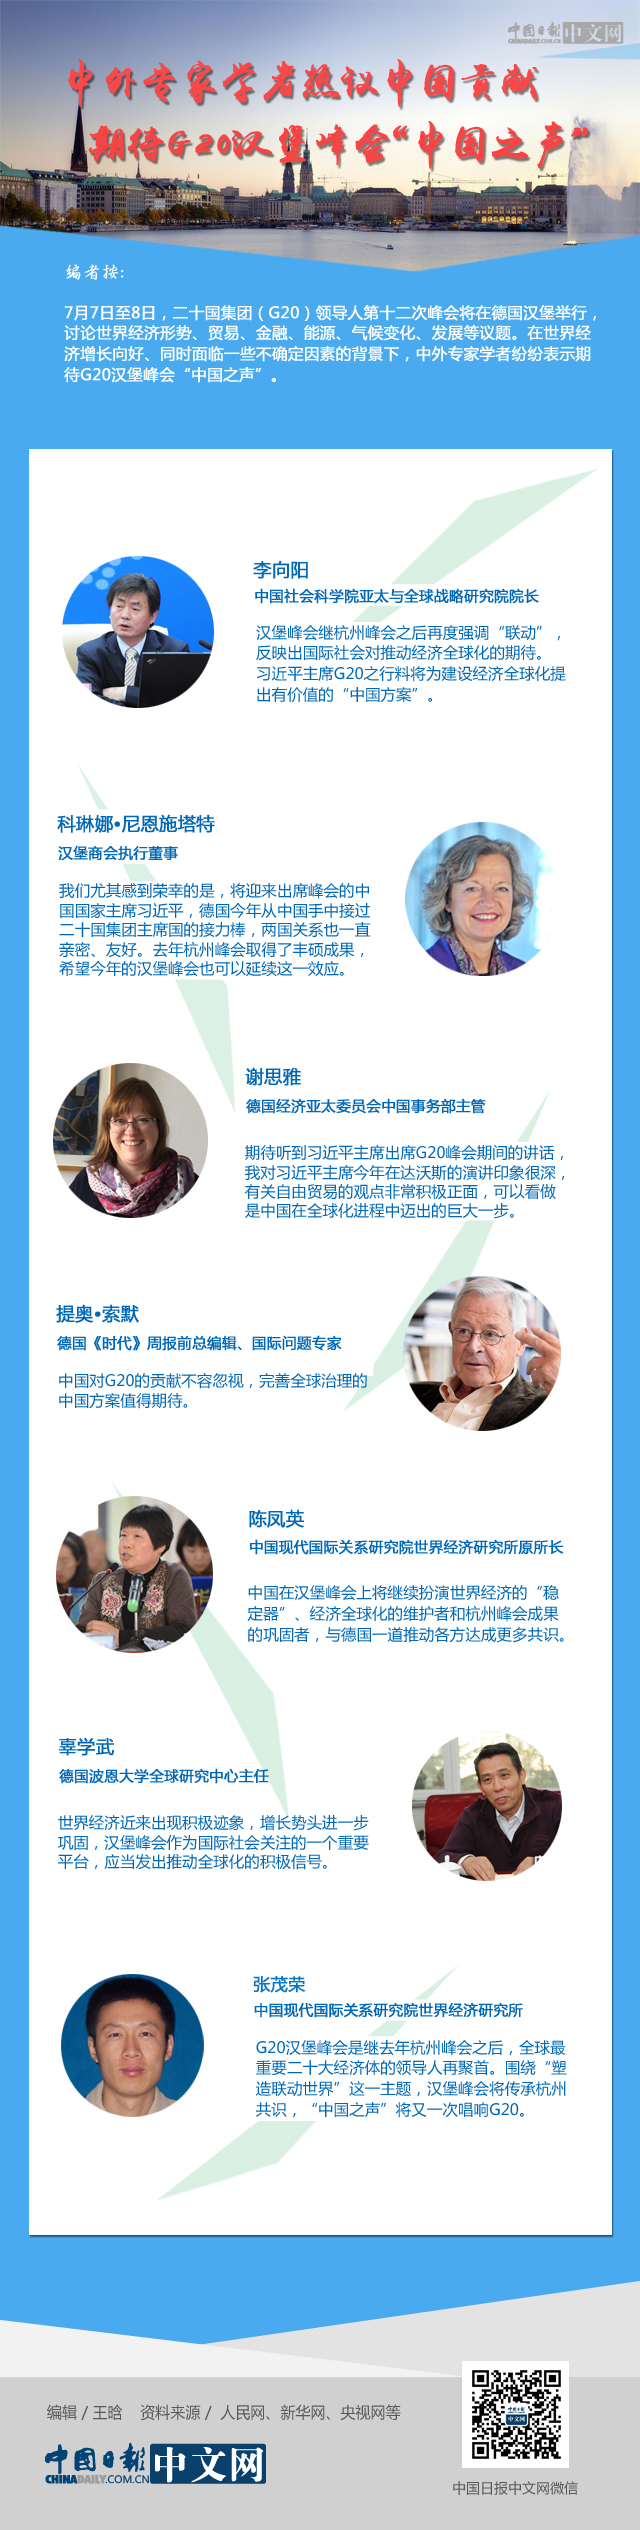 """中外专家学者热议中国贡献 期待G20汉堡峰会""""中国之声"""""""